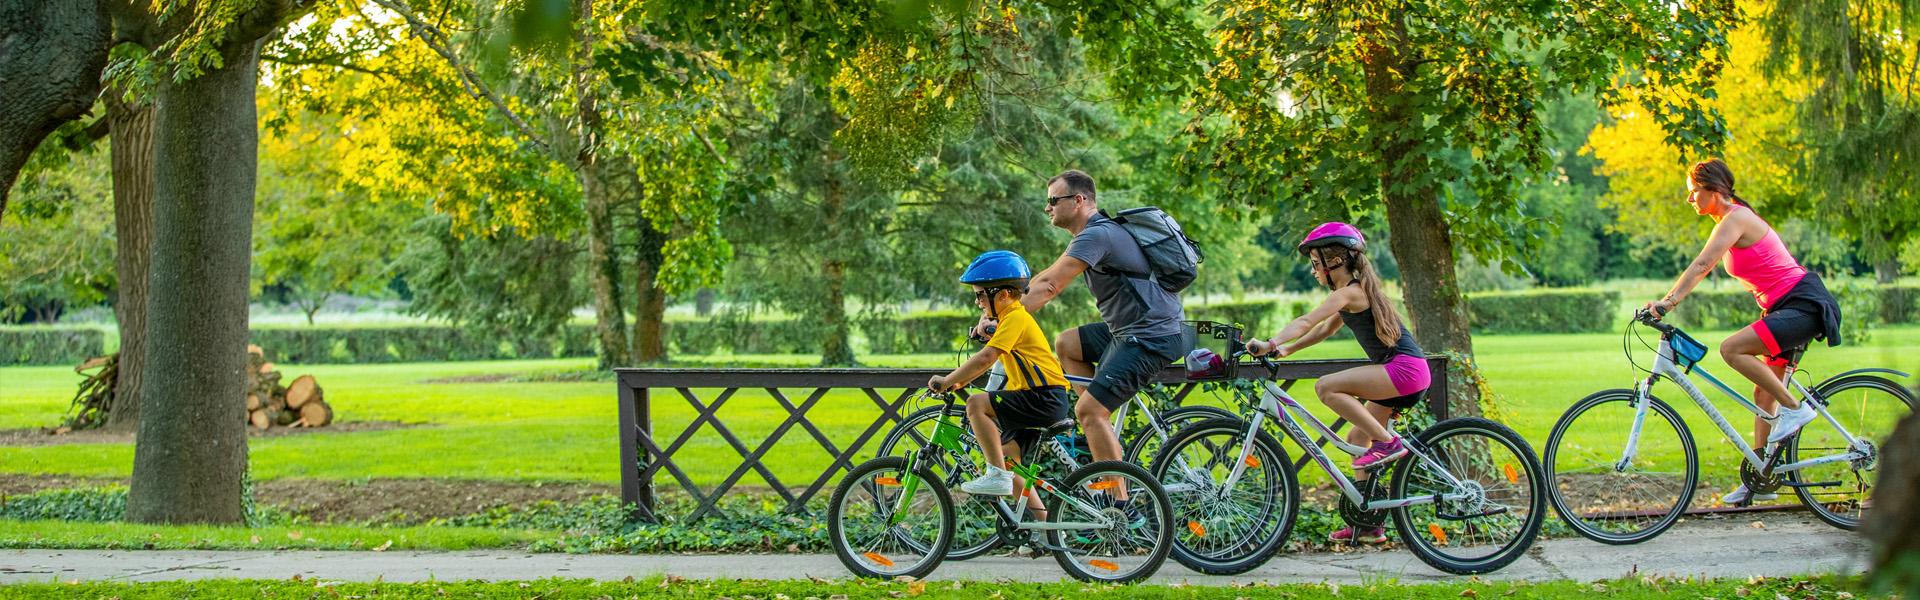 VELOREGIO: kerékpáros útvonalak határon innen és túl az Alpok lábánál